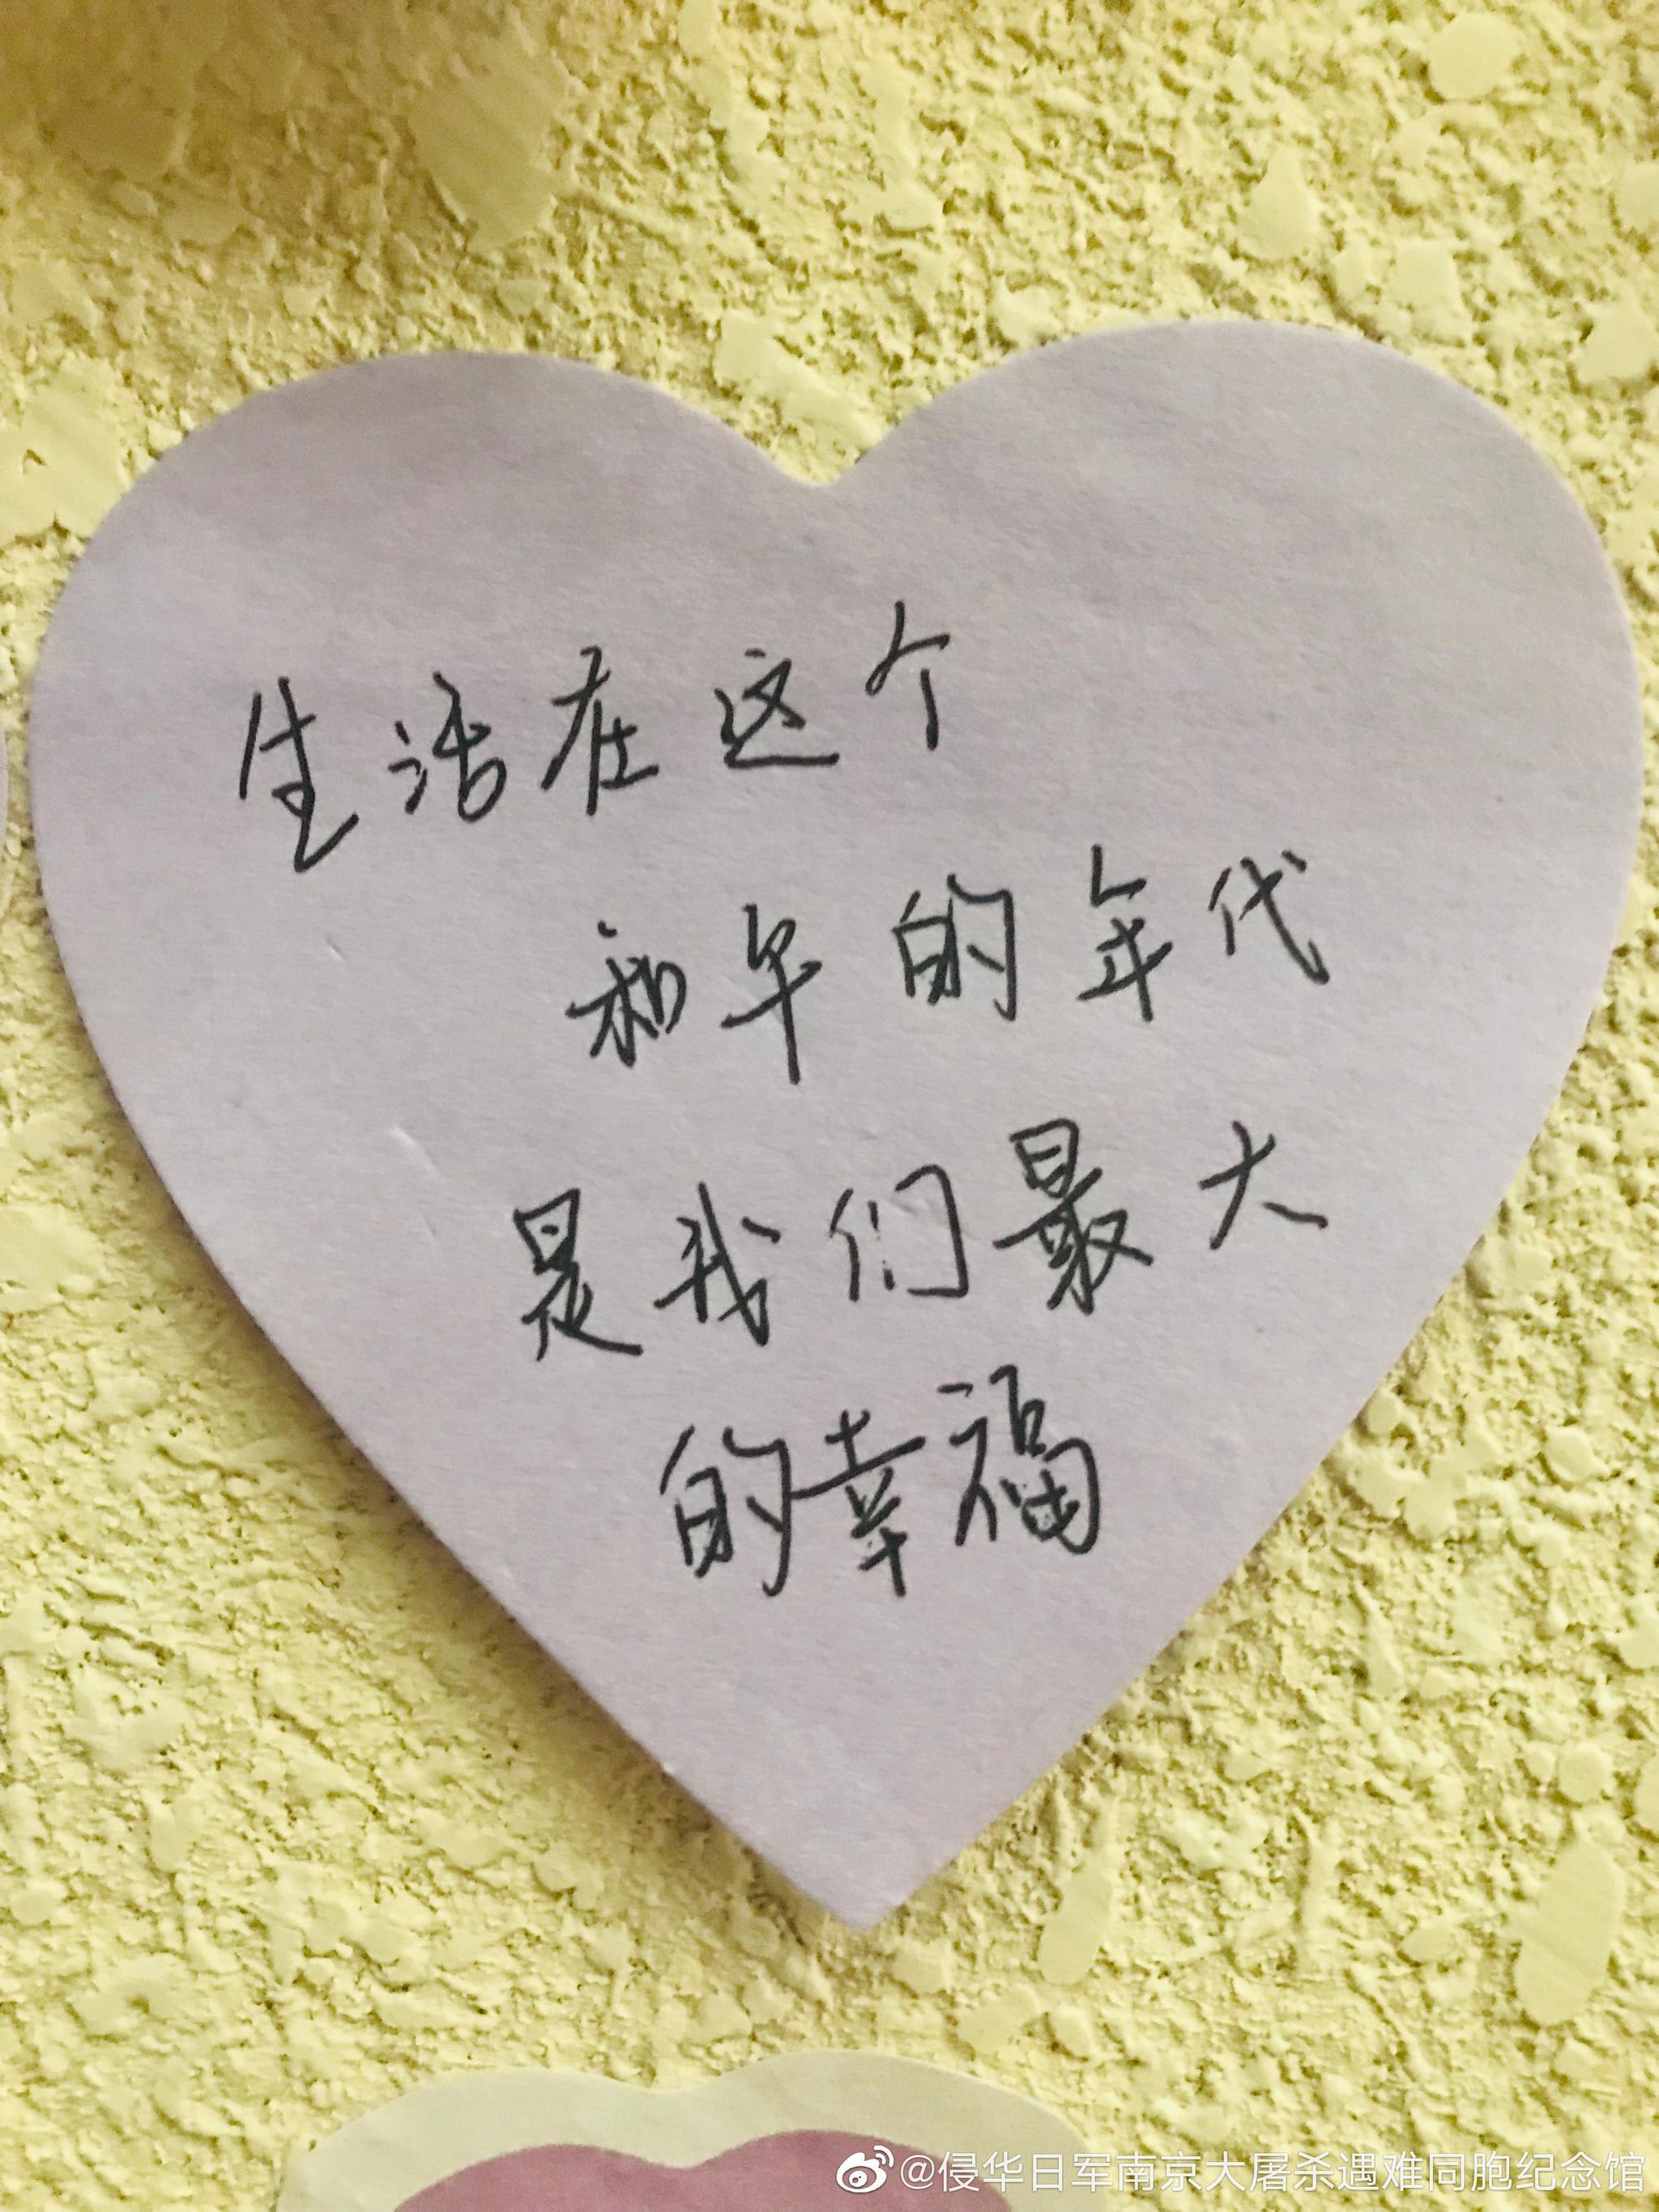 在《南京大屠杀史实展》的尾厅,设有和平邮局,观众参观到此